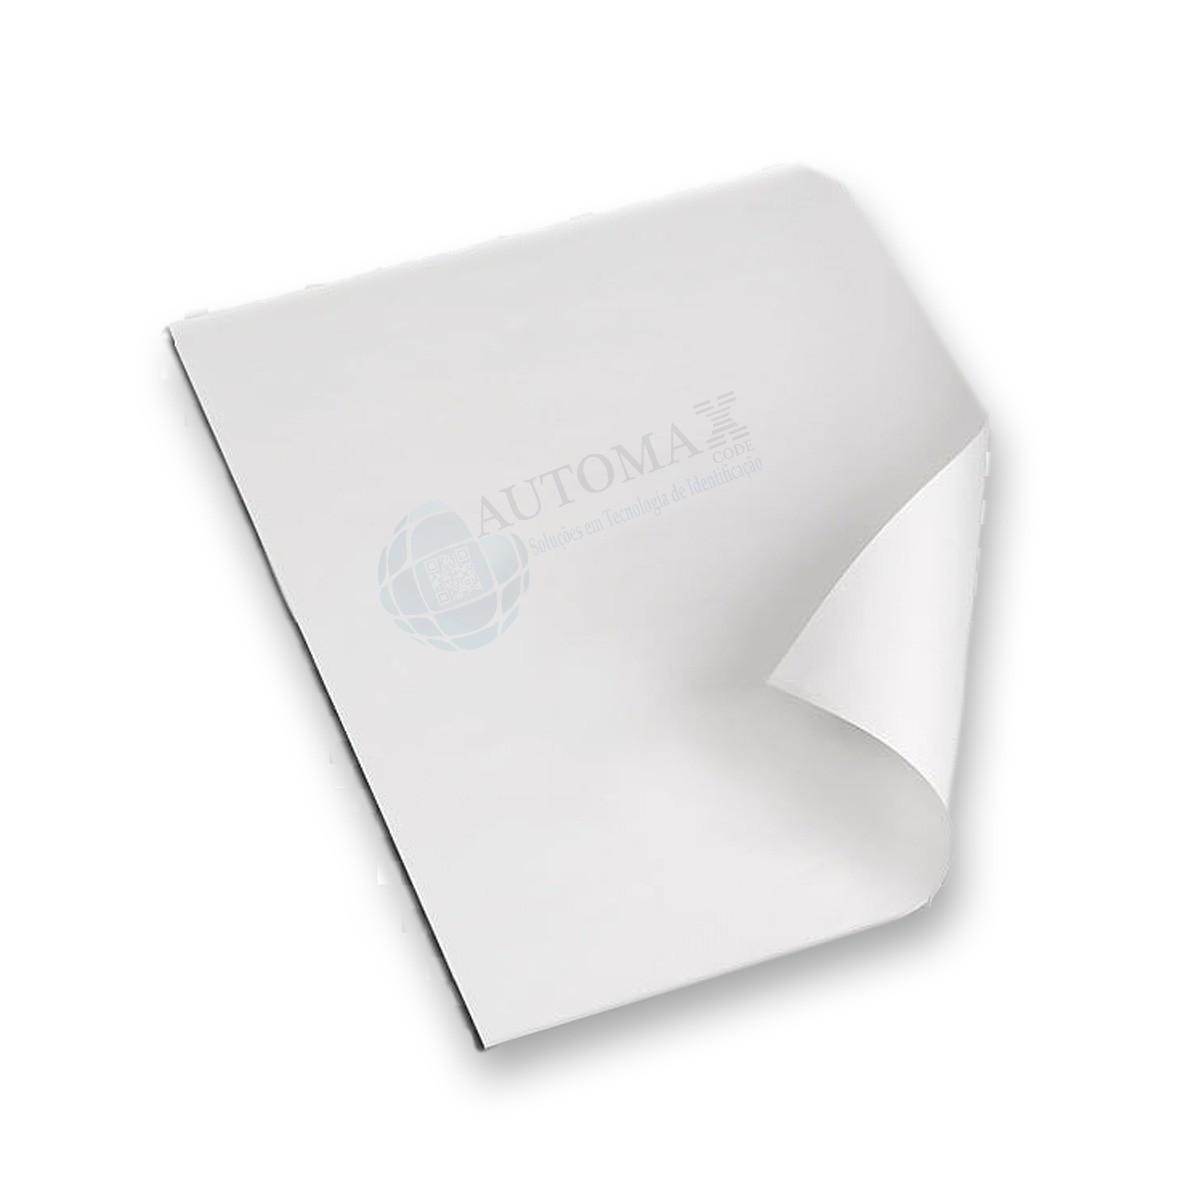 Etiqueta Identificação de Envios Venda On Line 100 Folhas Adesivas A4